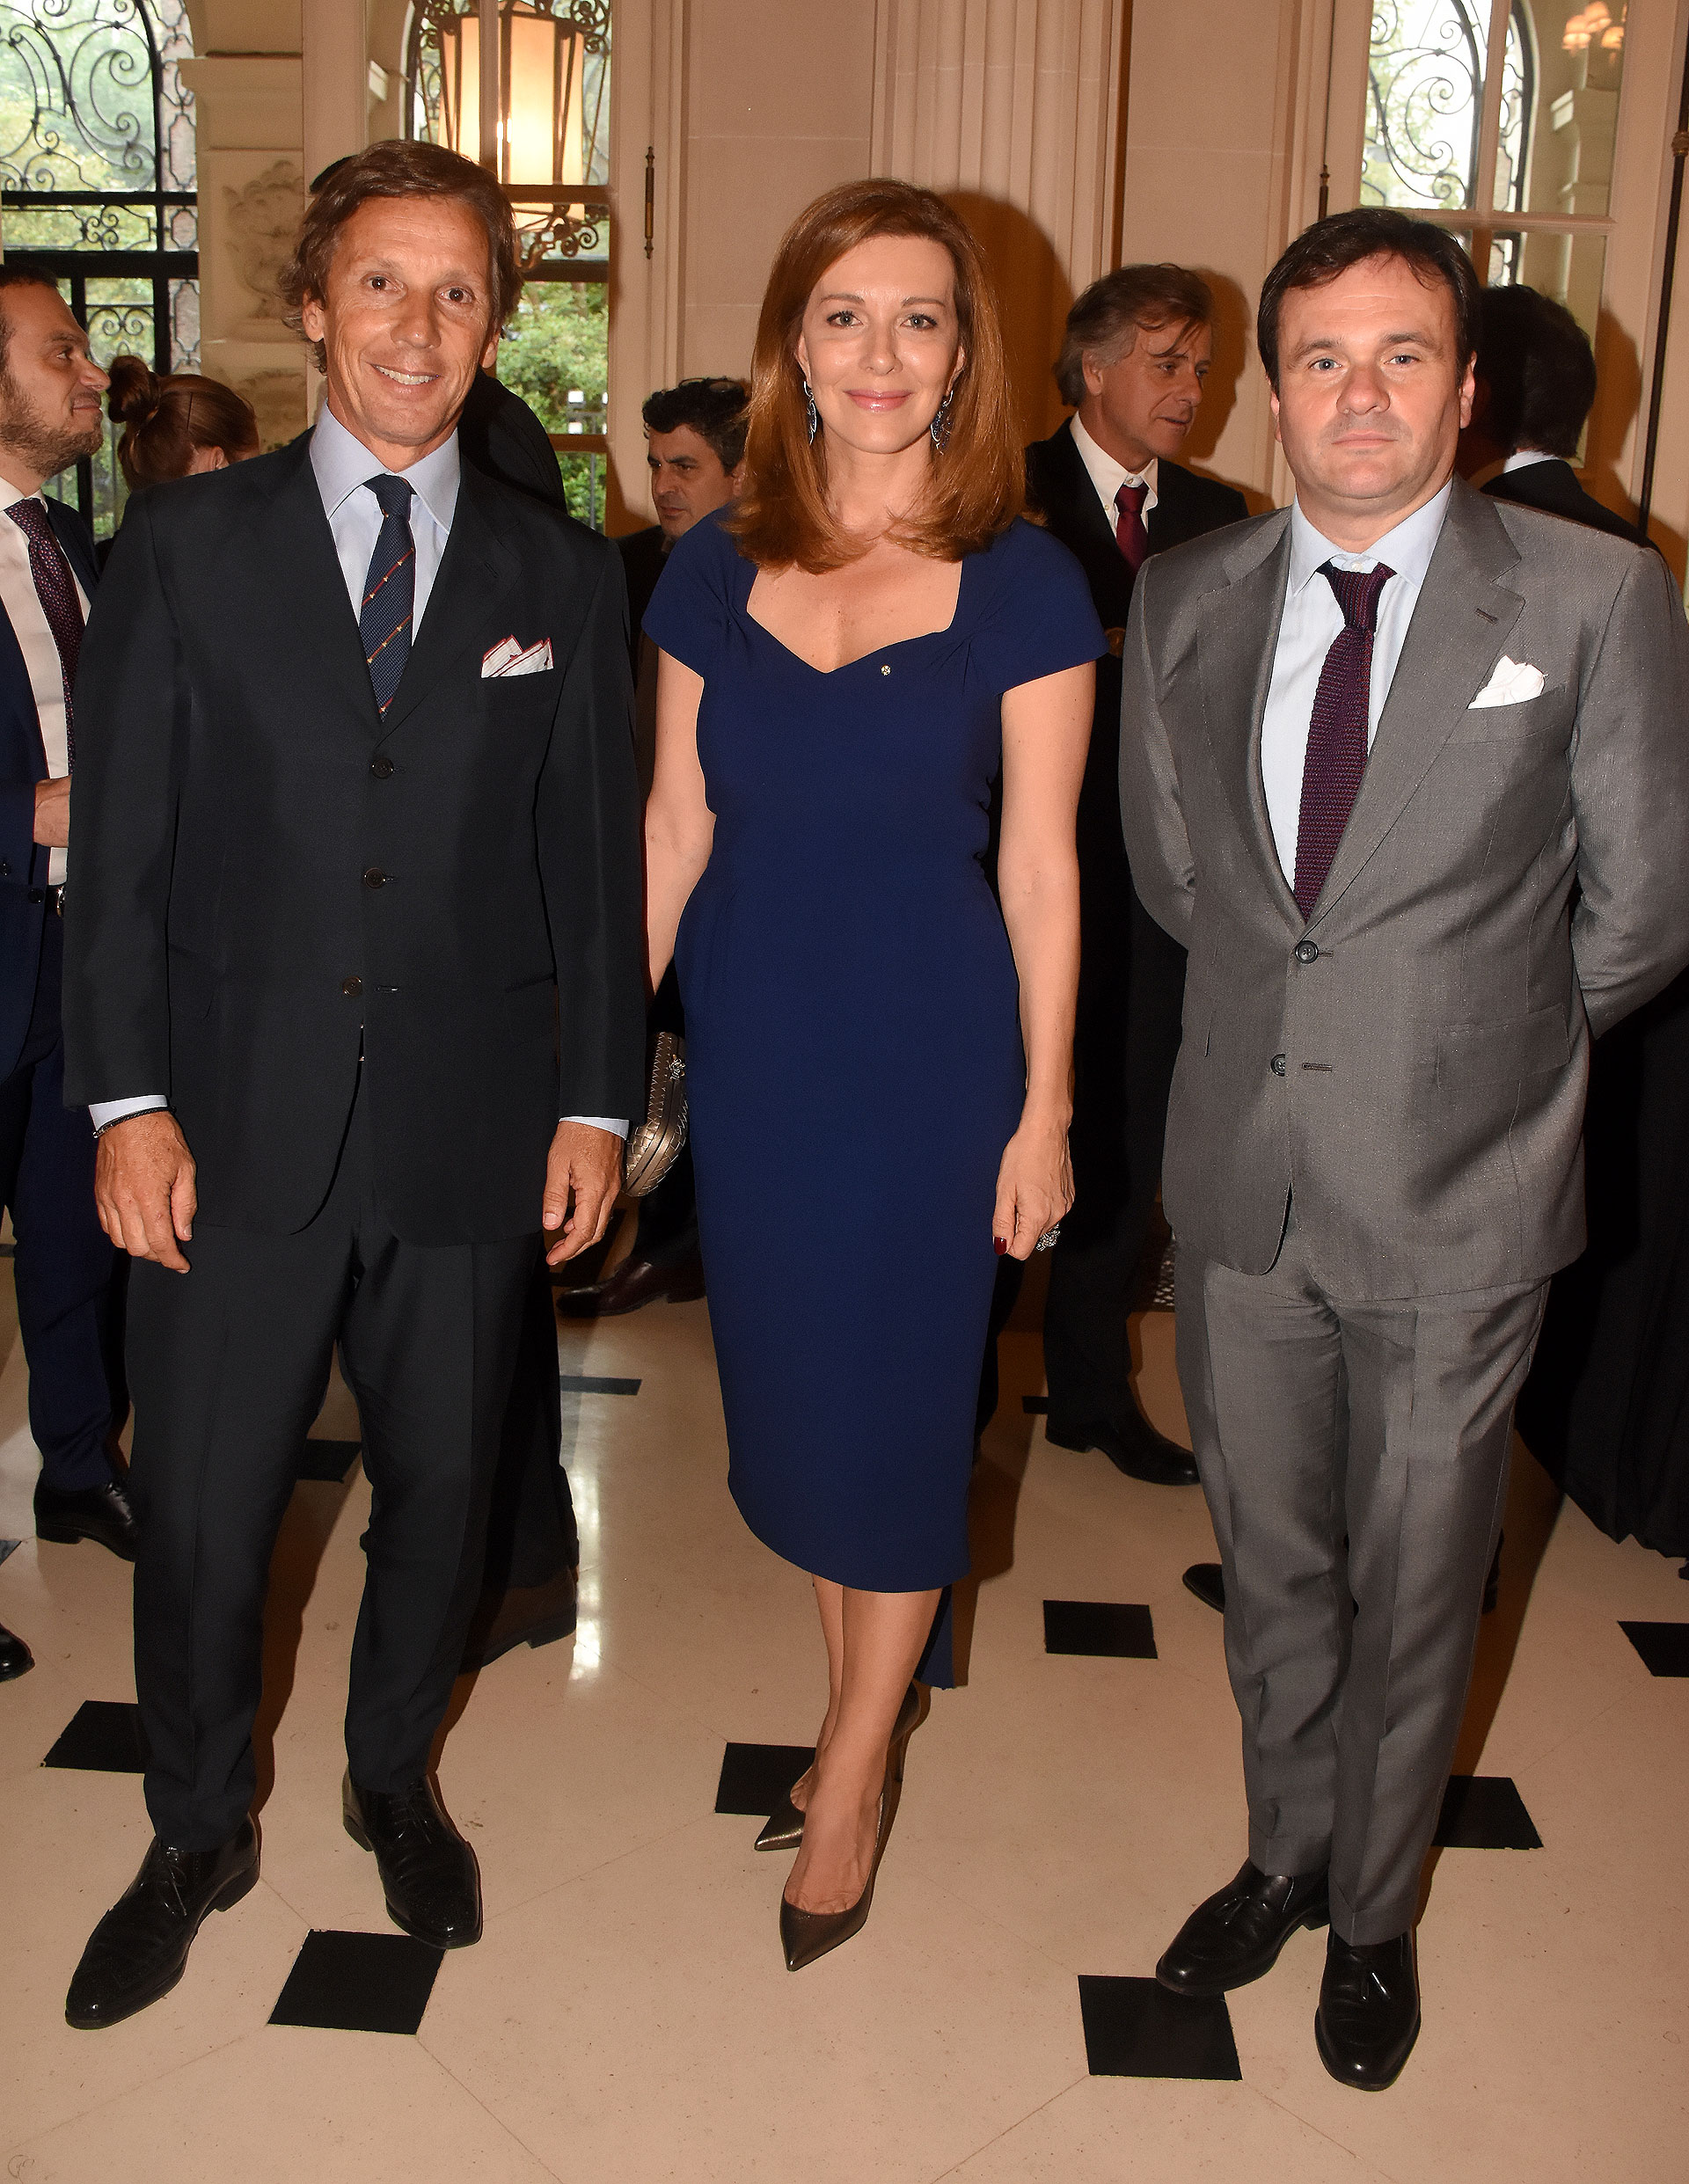 Alejandro Gravier junto a la periodista italiana Nunzia Locatelli, quien la semana pasada también recibió la condecoración